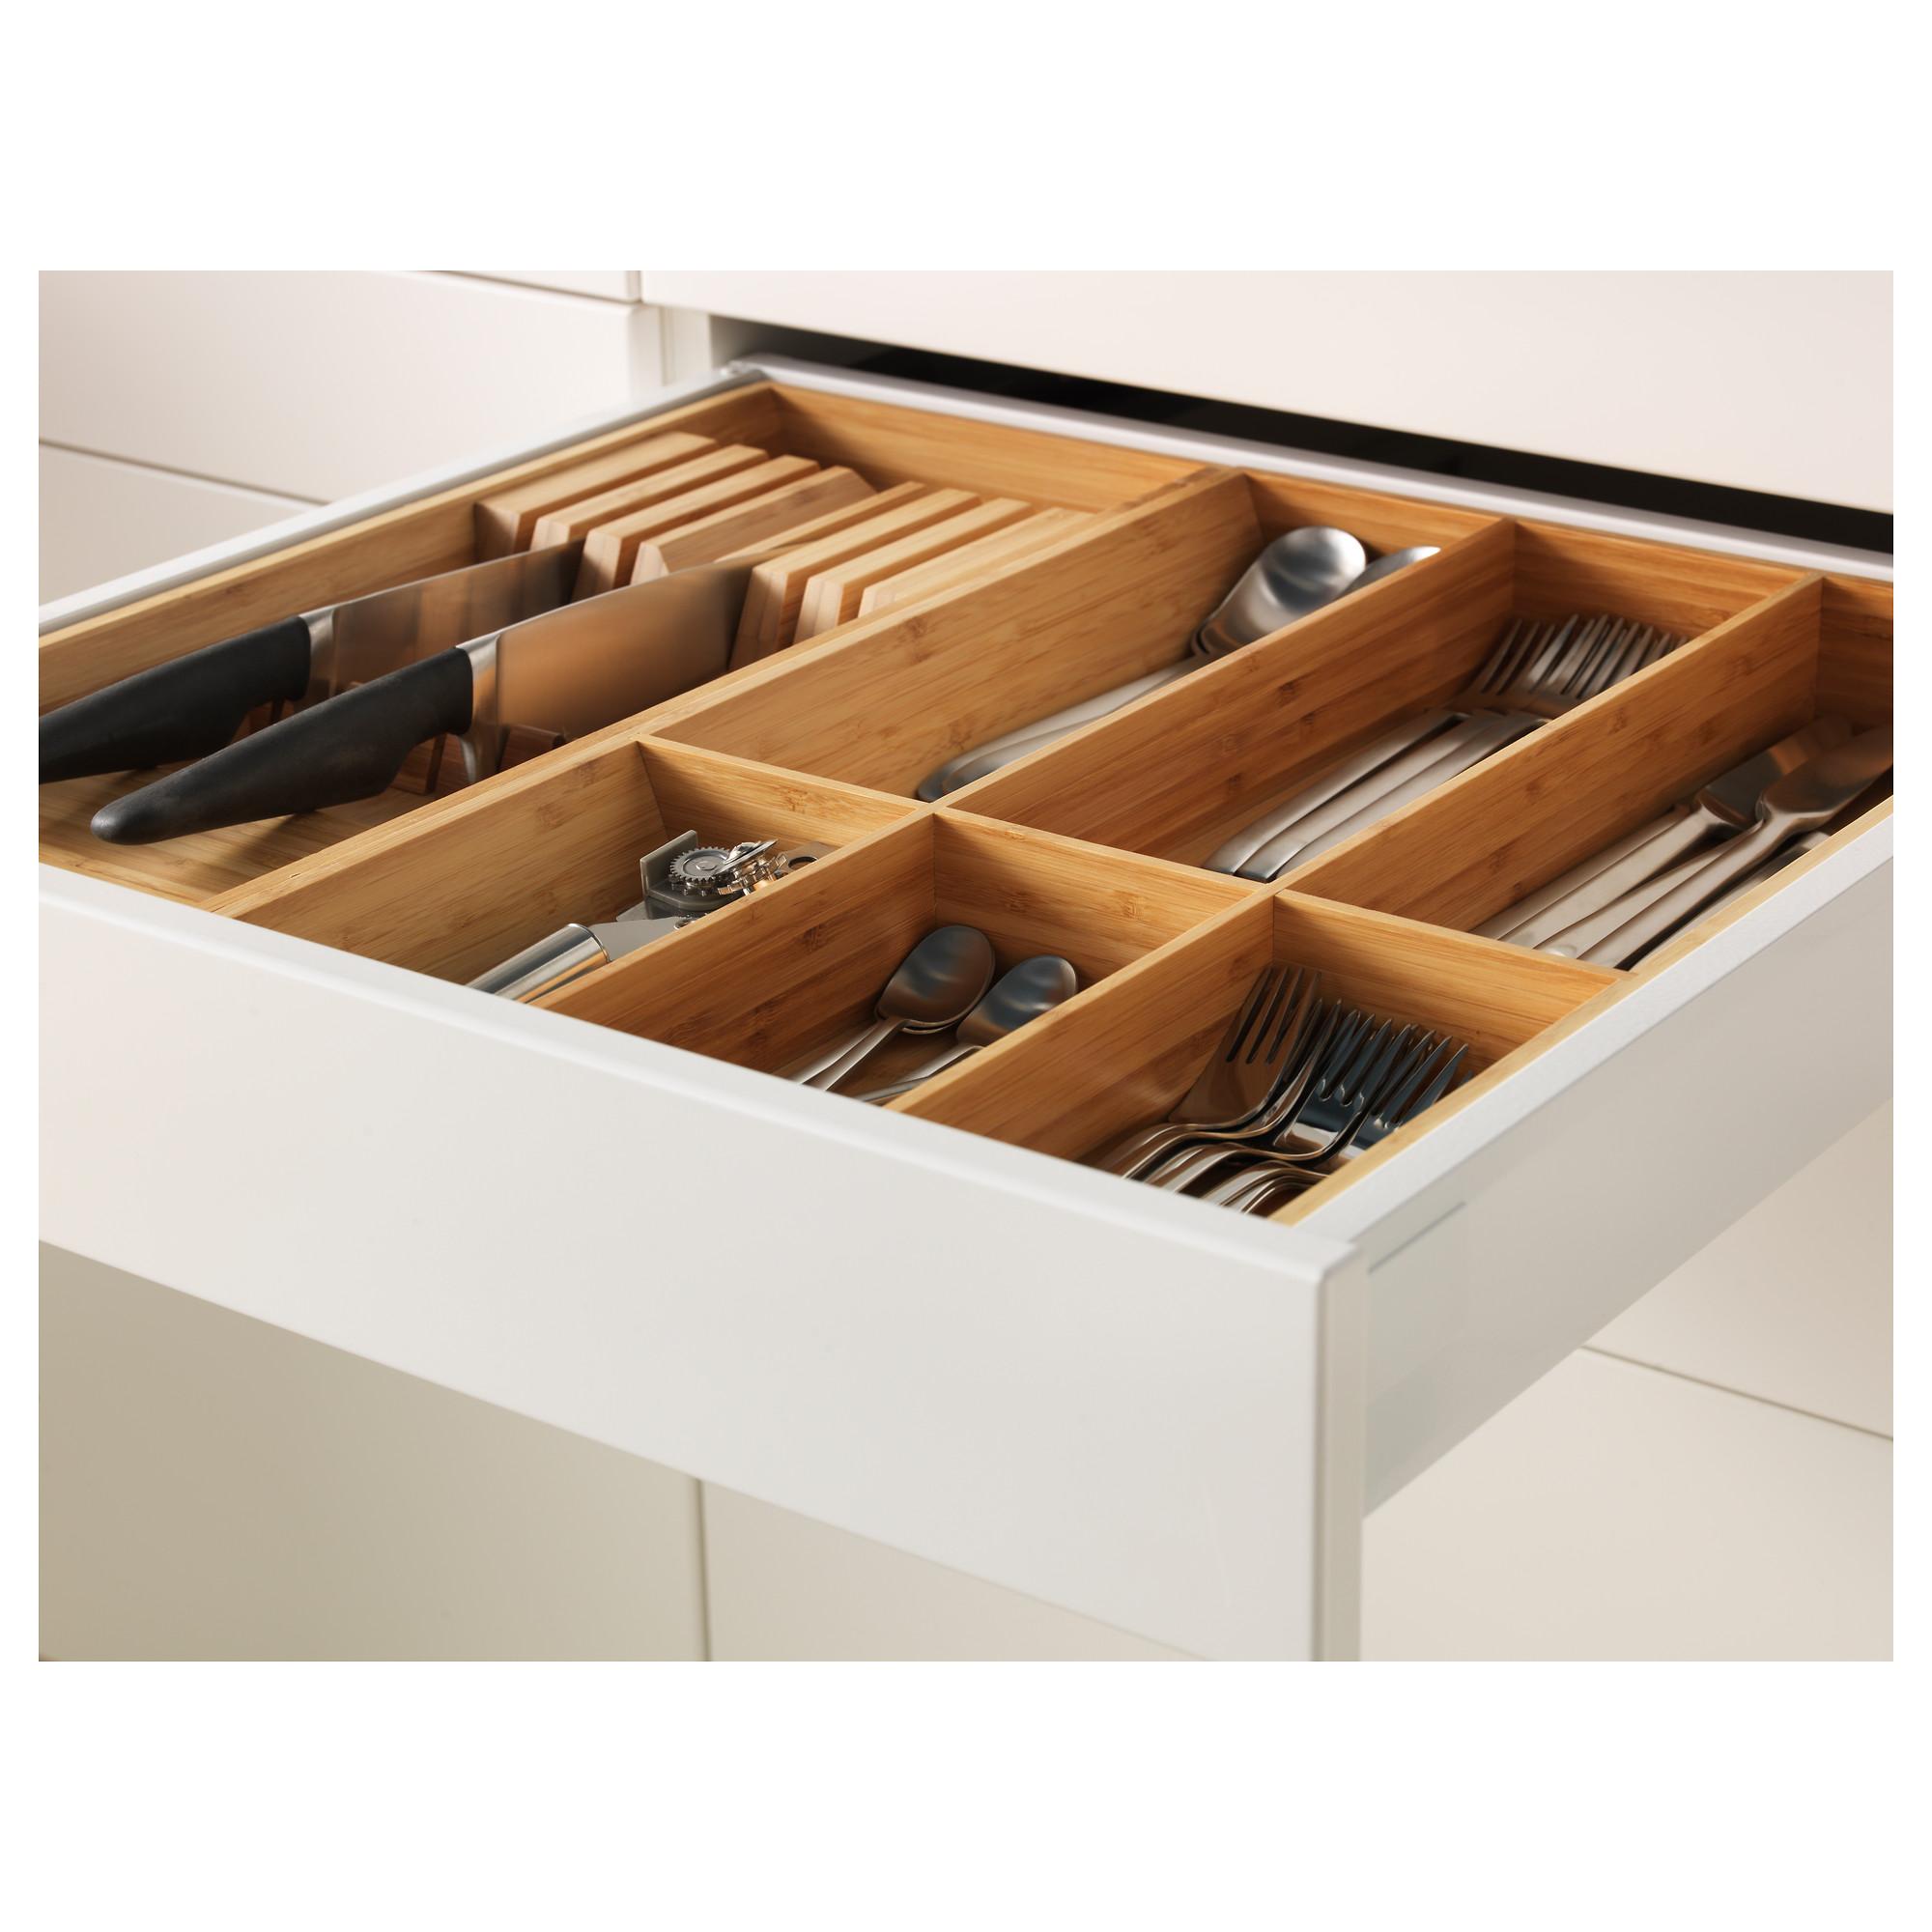 Высокий шкаф + полки, 5 ящиков, 2 дверцы, 2 фронтальных МЕТОД / МАКСИМЕРА белый артикуль № 992.328.69 в наличии. Онлайн каталог IKEA Беларусь. Недорогая доставка и соборка.